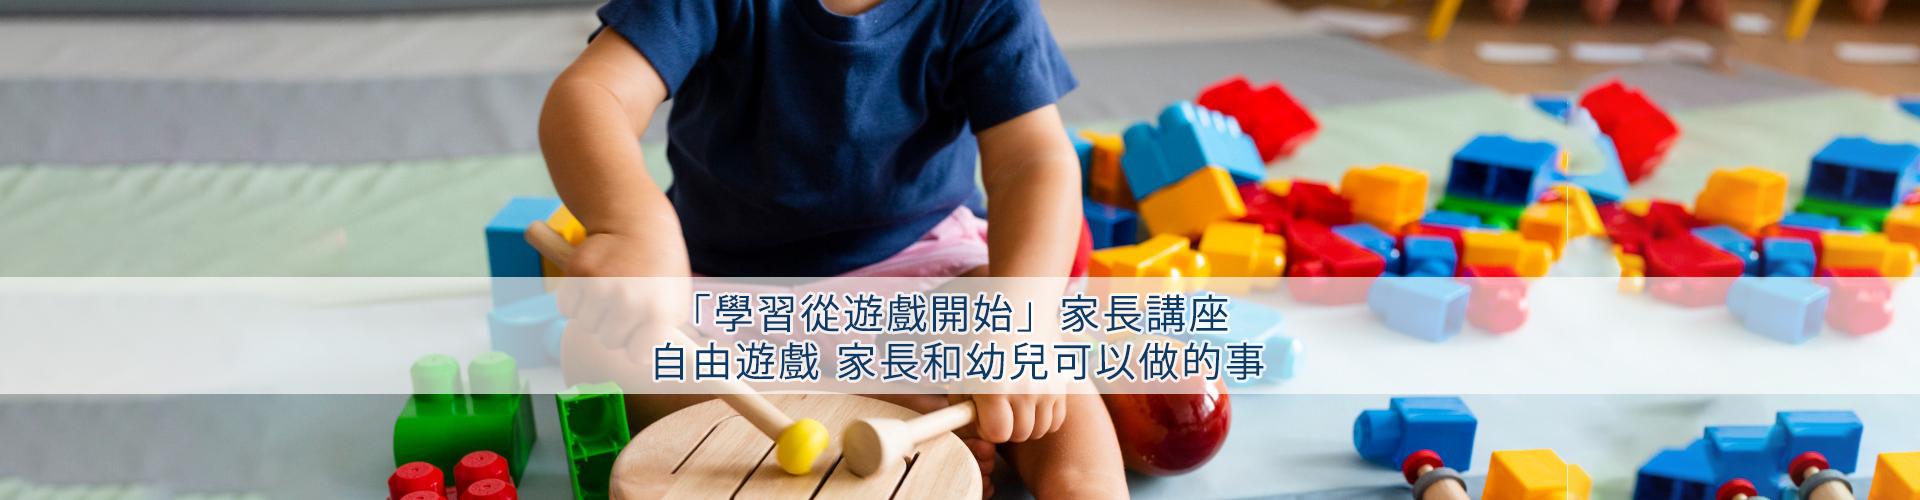 「學習從遊戲開始」家長講座 - 自由遊戲 家長和幼兒可以做的事